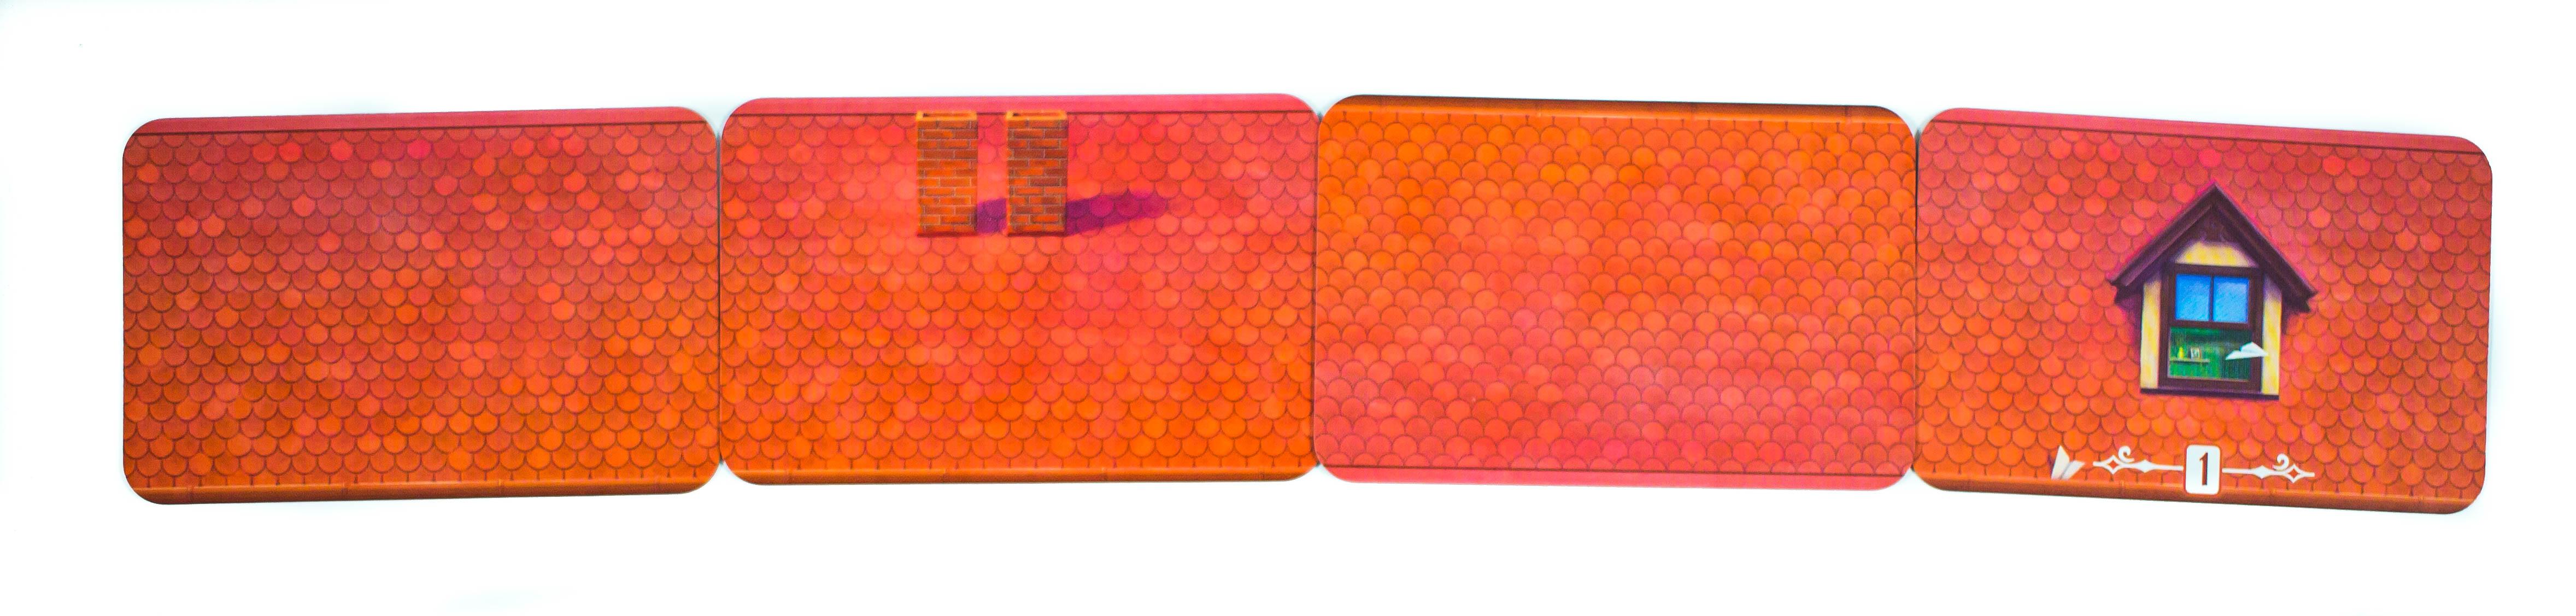 Az egységes színű tetők több pontot érnek.